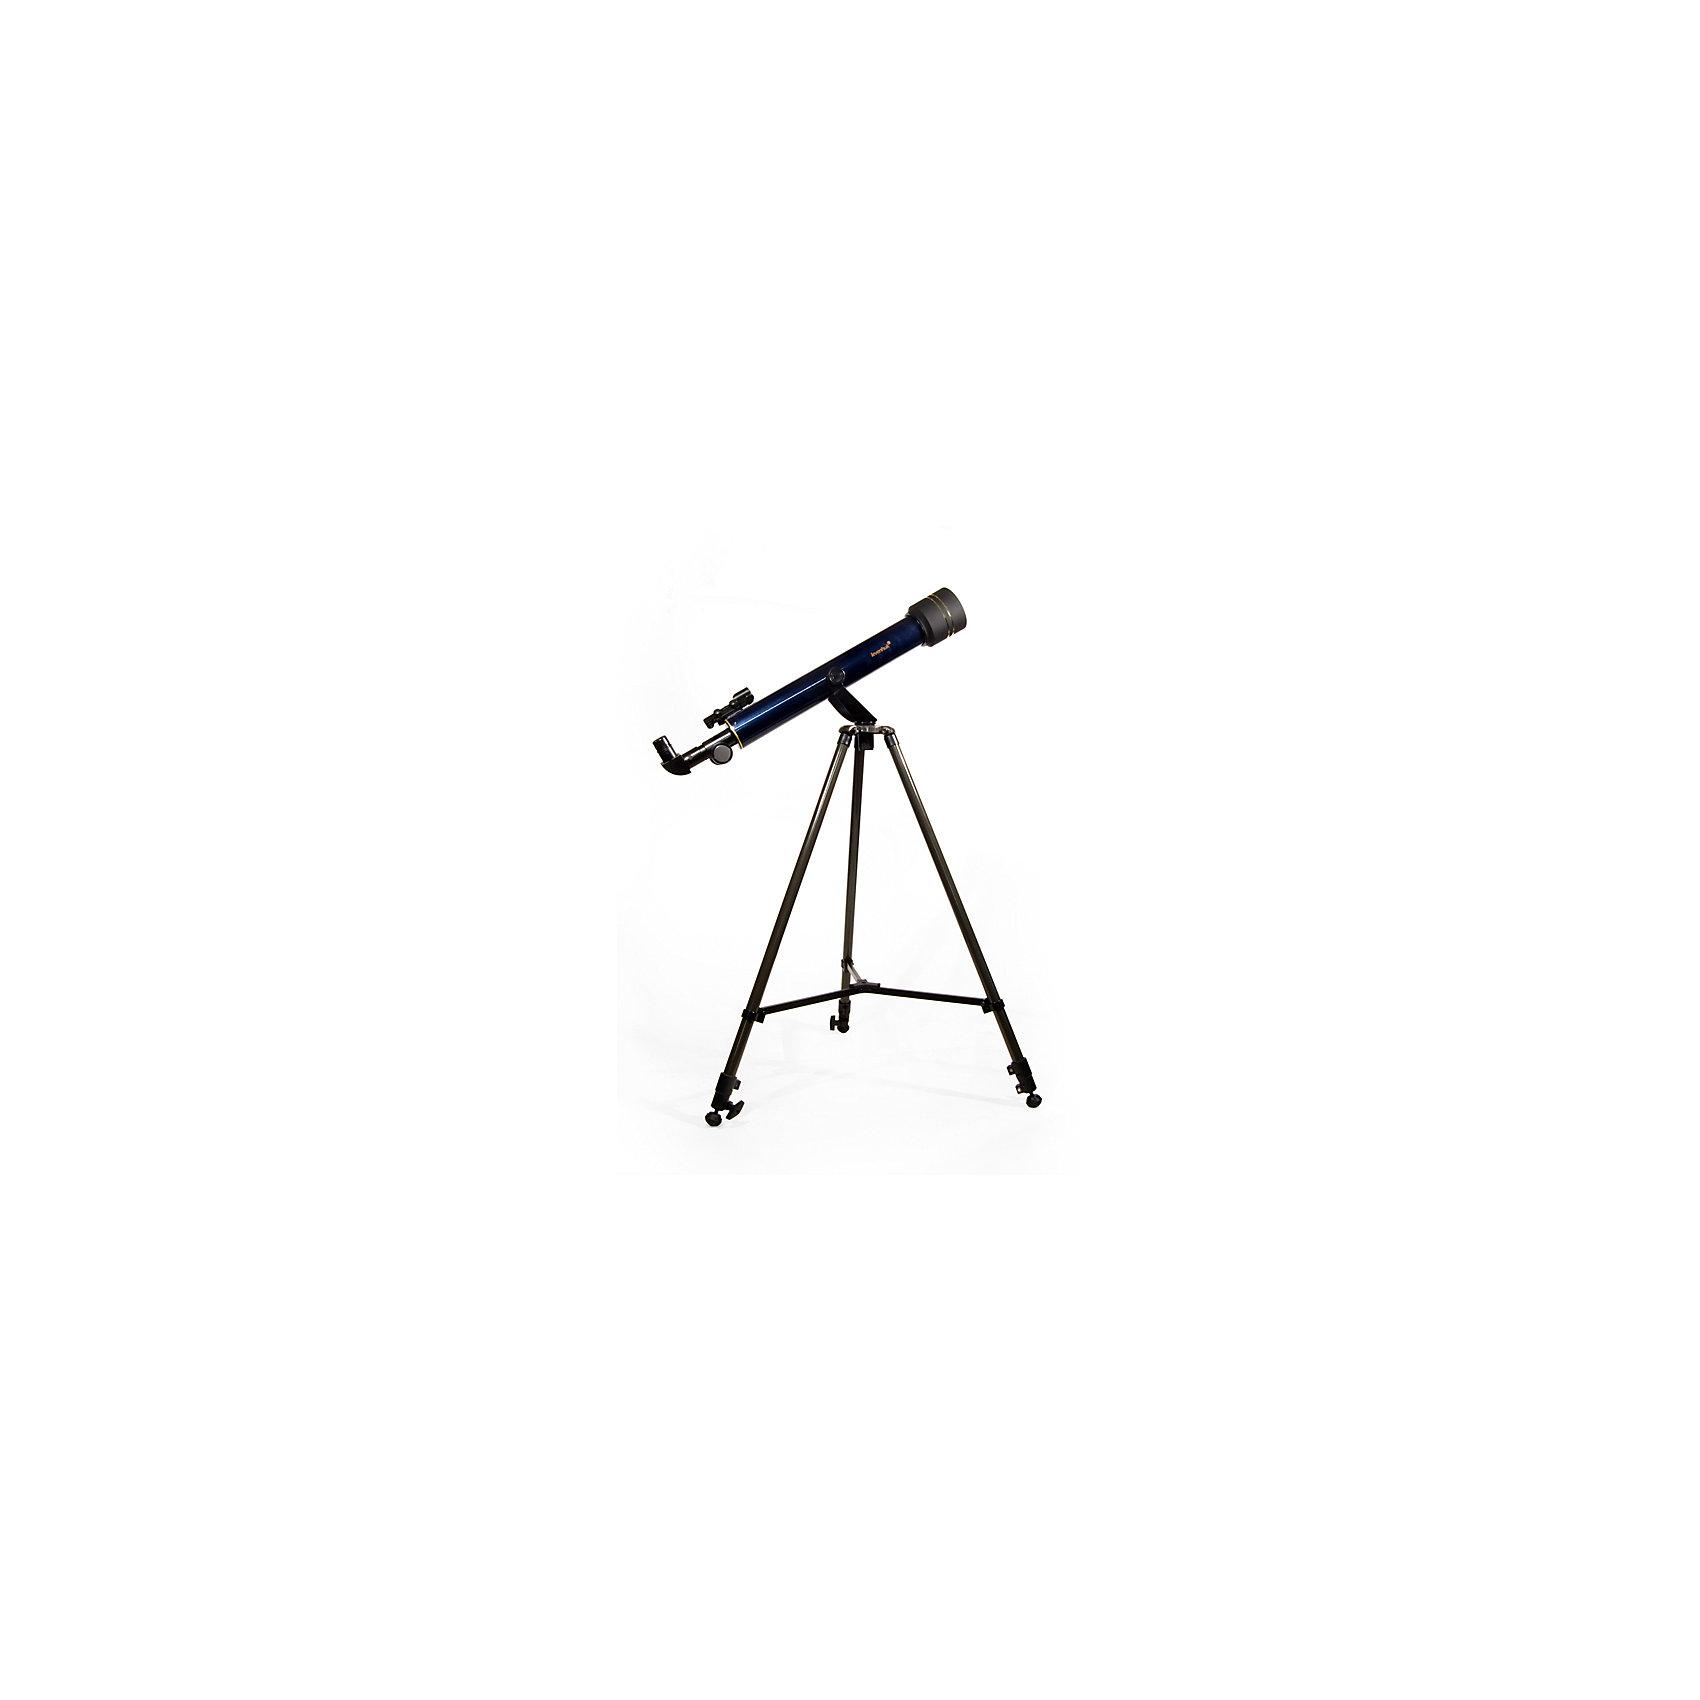 Телескоп Levenhuk Strike 60 NGТелескопы<br>Характеристики товара:<br><br>• материал: металл, пластик<br>• тип телескопа: рефрактор<br>• максимальное полезное увеличение: 233 крат<br>• светосила (относительное отверстие): 11,7<br>• световой диаметр (Апертура): 50 мм<br>• проницающая способность: (звездная величина, приблизительно) 10,2<br>• окуляры F20мм, F6мм<br>• линза Барлоу в комплекте 3x<br>• искатель: 3х20 <br>• высота треноги регулируемая: 630–1080 мм<br>• тип монтировки: азимутальная<br>• вес: 5,5 кг<br>• комплектация: труба, руководство, тренога, зеркало, книга, постеры, компас, линза Барлоу 3х<br>• страна бренда: США<br>• страна производства: КНР<br><br>Телескоп - это отличный способ заинтересовать ребенка наблюдениями за небесными телами и привить ему интерес к учебе. Эта модель была разработана специально для детей - он позволяет увеличивать предметы из космоса и изучать их. Благодаря легкому и прочному корпусу телескоп удобно брать с собой!<br><br>Оптические приборы от американской компании Levenhuk уже успели зарекомендовать себя как качественная и надежная продукция. Для их производства используются только безопасные и проверенные материалы. Такой прибор способен прослужить долго. Подарите ребенку интересную и полезную вещь!<br><br>Телескоп Levenhuk Strike 60 NG от известного бренда Levenhuk (Левенгук) можно купить в нашем интернет-магазине.<br><br>Ширина мм: 810<br>Глубина мм: 360<br>Высота мм: 160<br>Вес г: 5500<br>Возраст от месяцев: 60<br>Возраст до месяцев: 2147483647<br>Пол: Унисекс<br>Возраст: Детский<br>SKU: 5435303